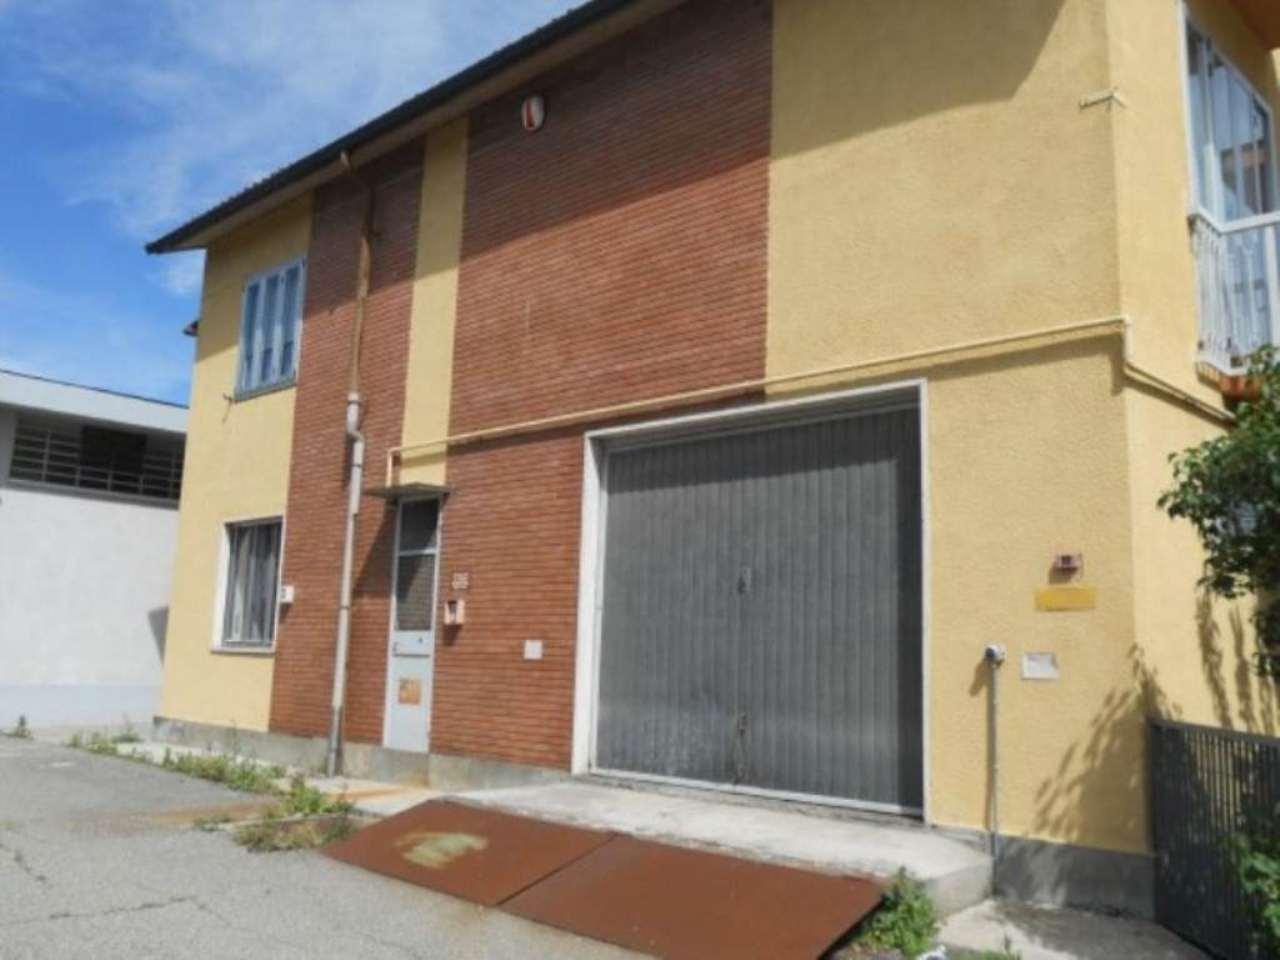 Laboratorio in affitto a Rivoli, 9999 locali, zona Località: APochiMinutiDaCorsoFrancia, prezzo € 1.100 | CambioCasa.it